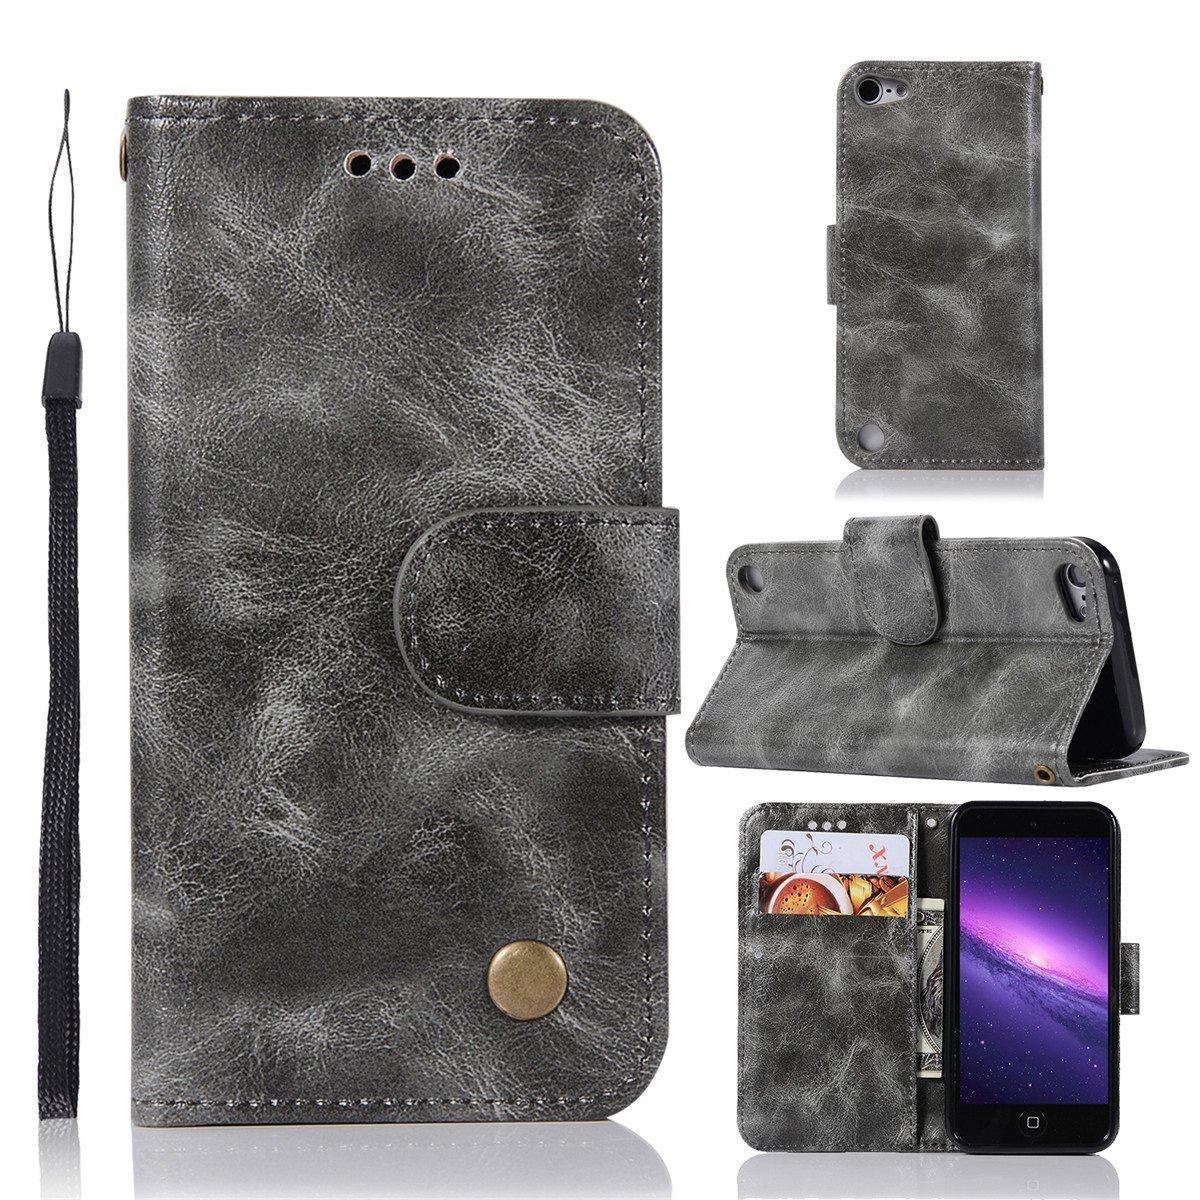 /Étui iPod Touch 5/6 scheam livre Flip Coque /Étui portefeuille Premium PU Housse en cuir B/équille Feature /Étui de protection pour iPod Touch 5/6/Grey marron marron Support pour slot pour cartes